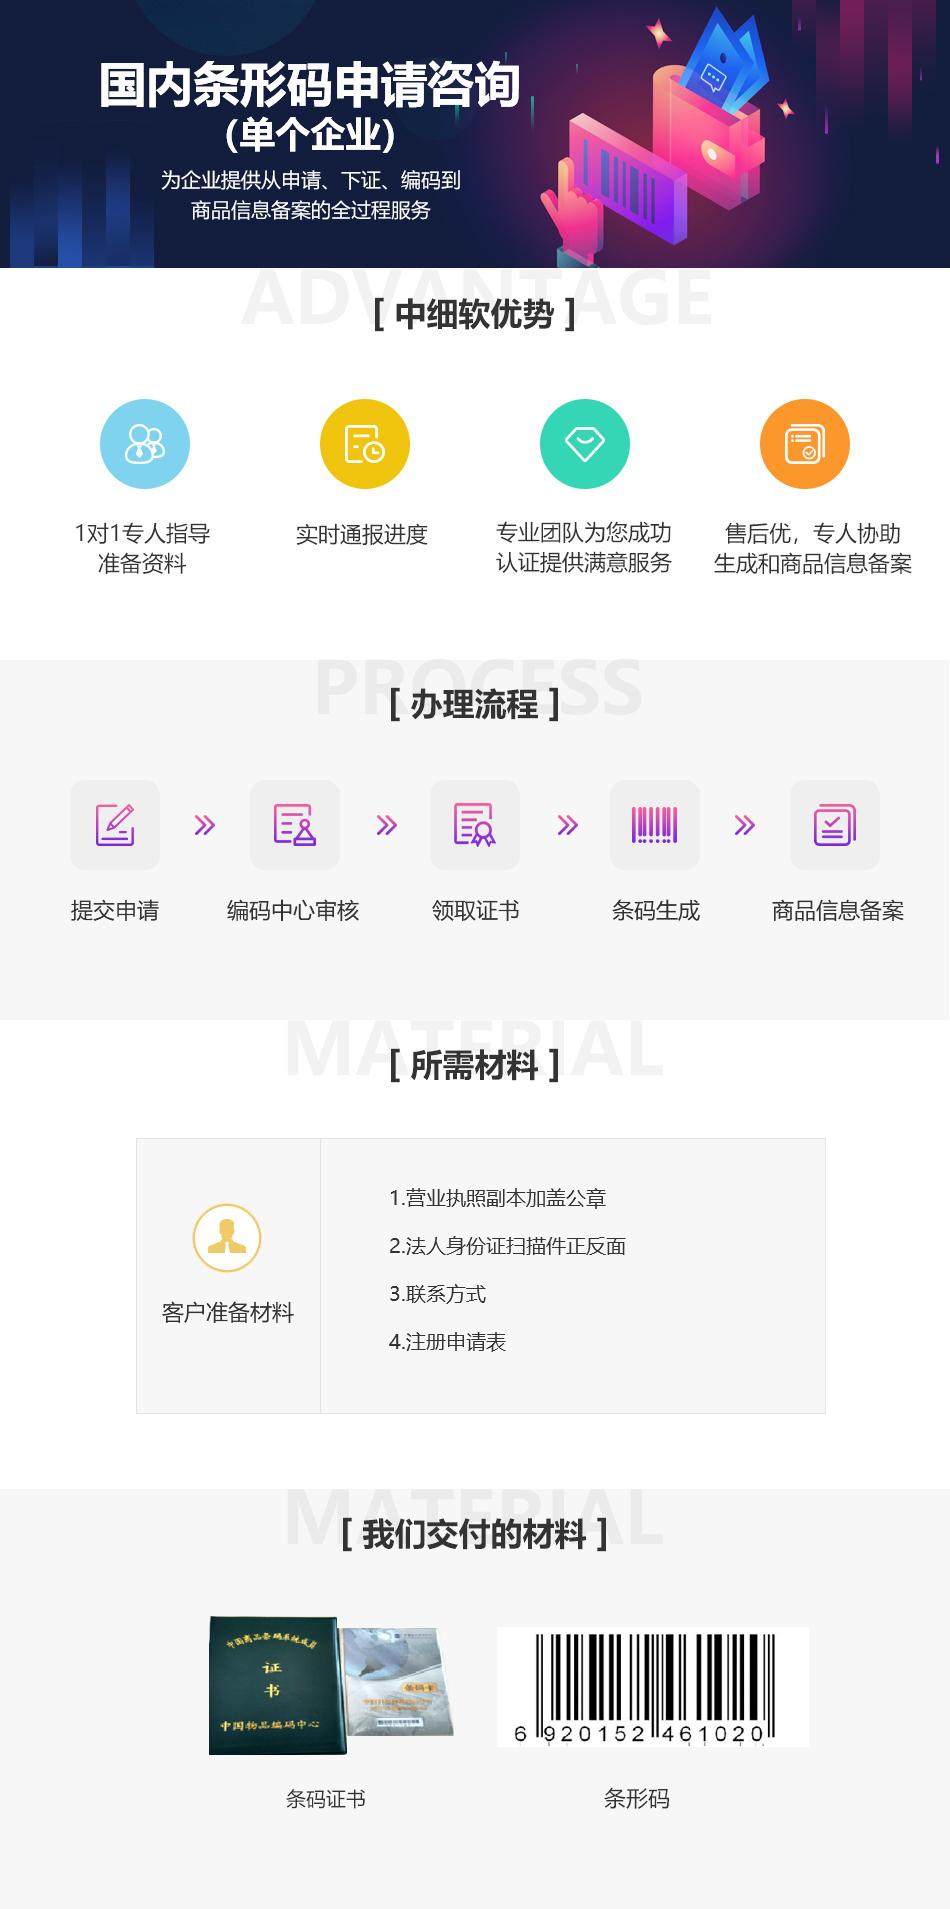 条形码—国内条形码申请咨询(单个企业).jpg